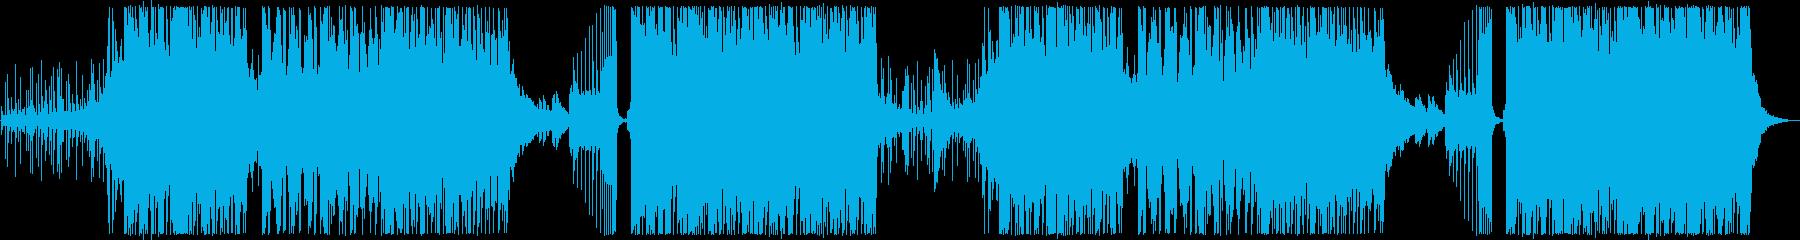 お洒落で広がりのあるシンセサイザーの曲の再生済みの波形